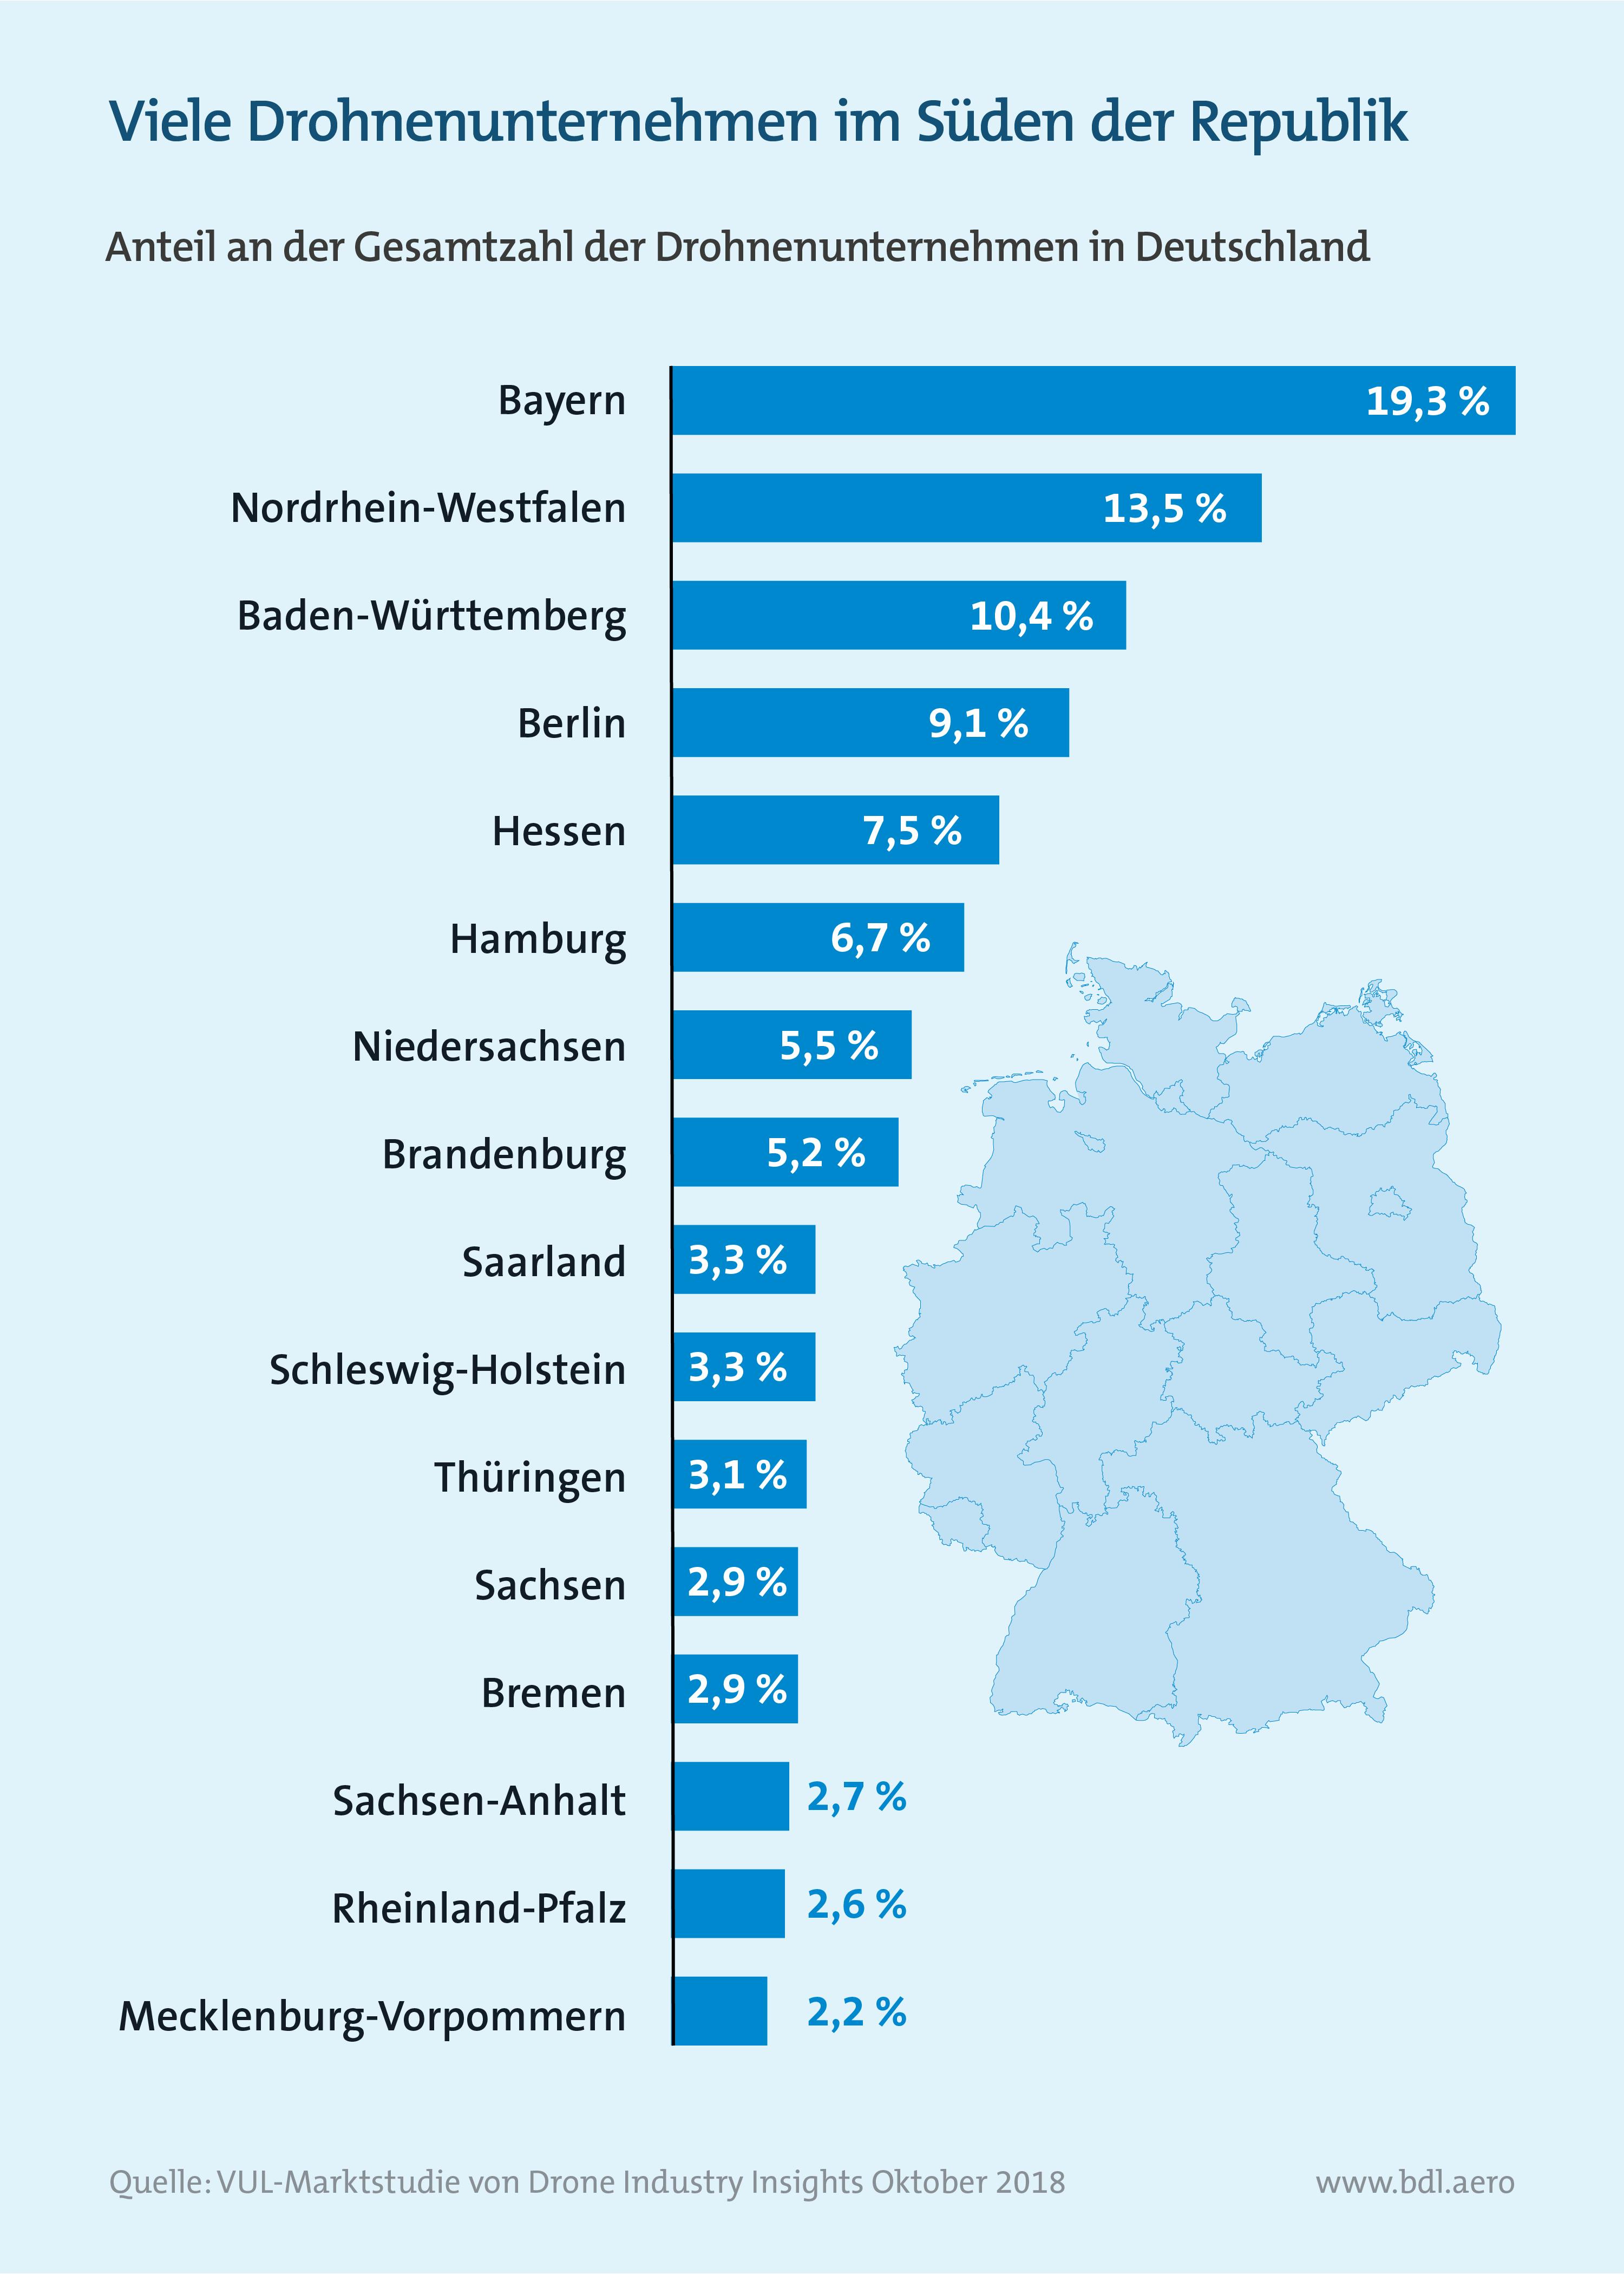 Viele Drohnenunternehmen im Süden Deutschlands